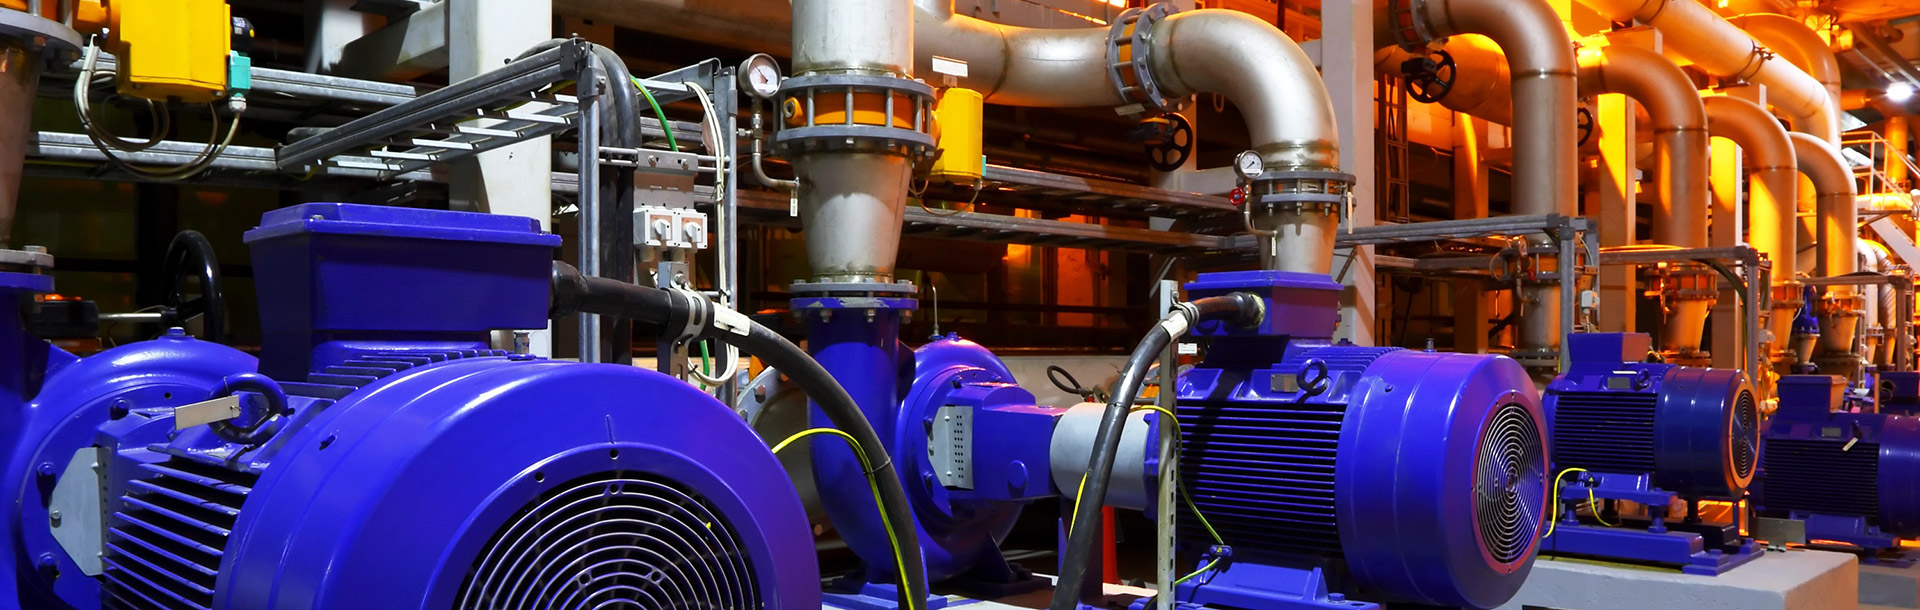 Équipement maximisant l'optimisation industrielle